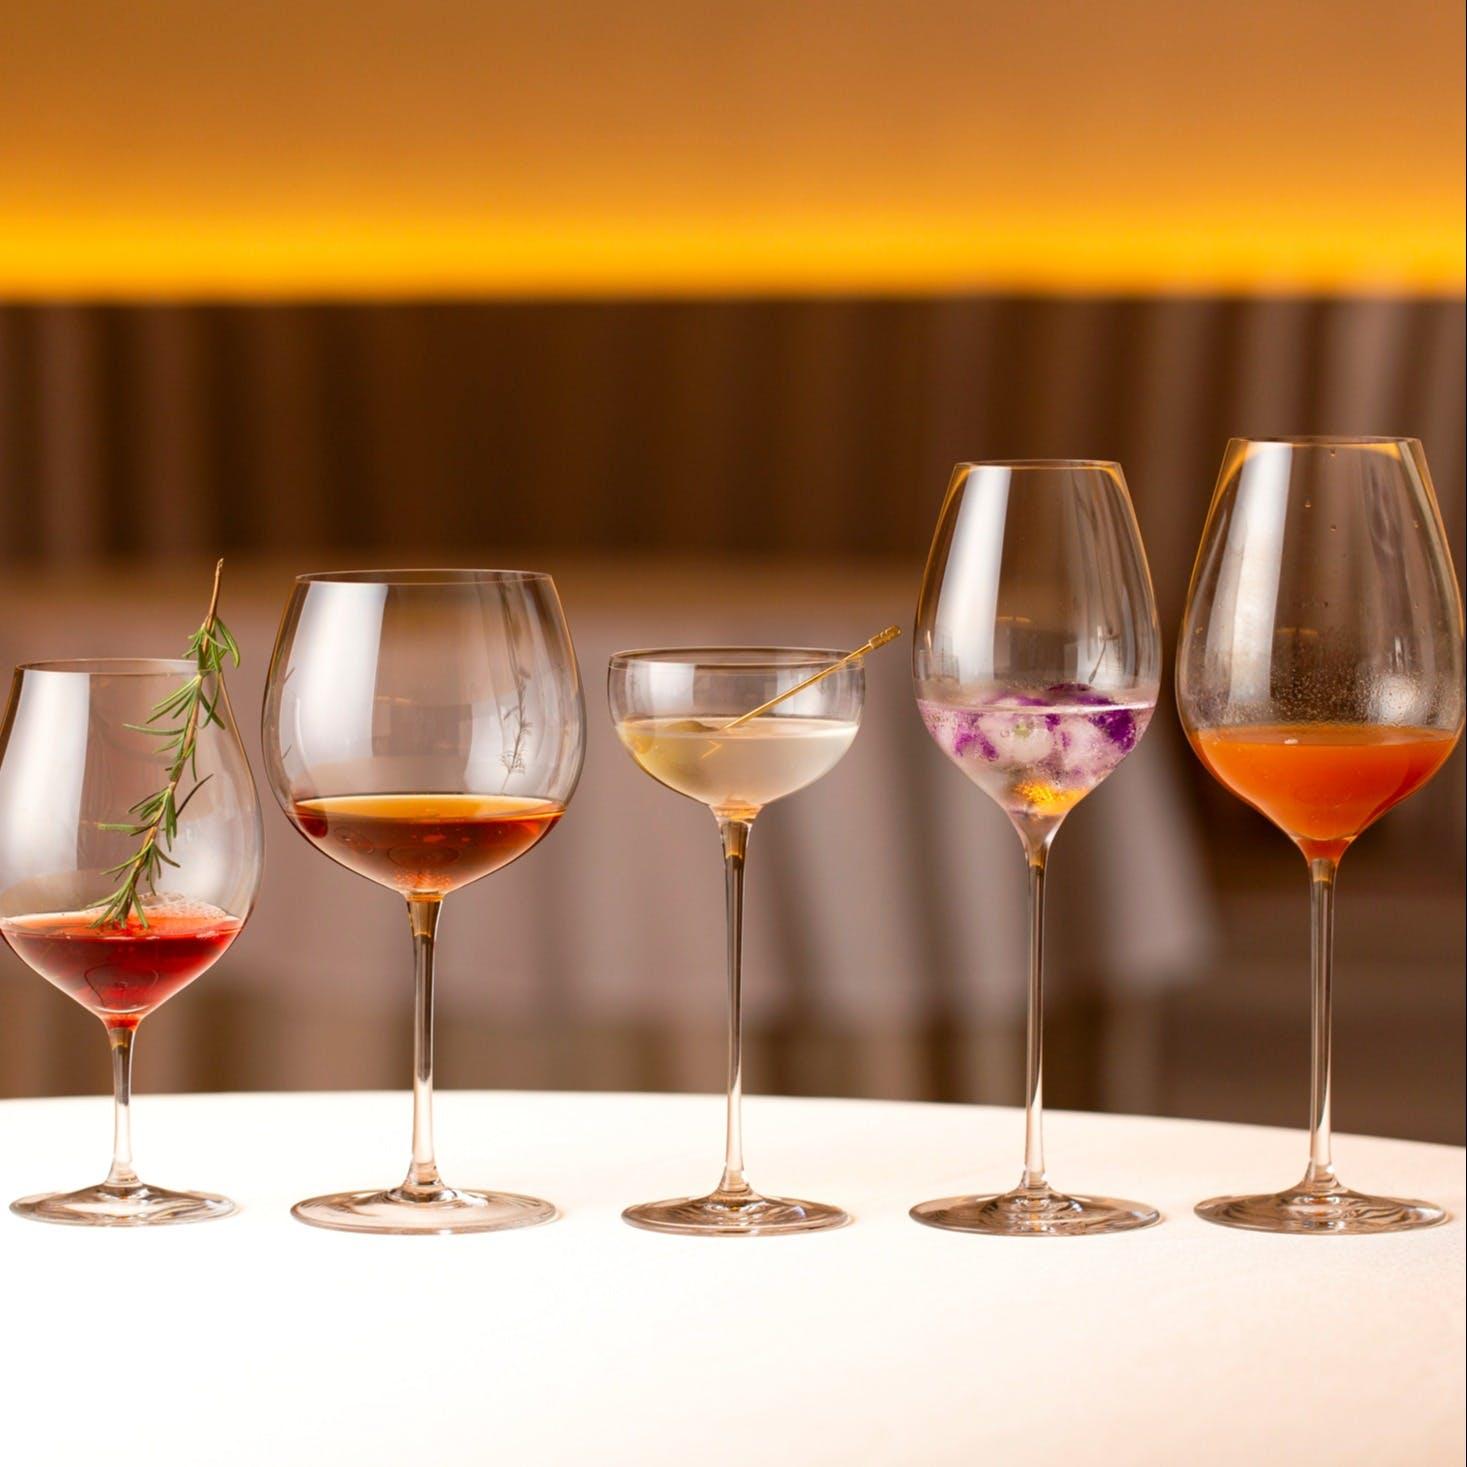 伝統と革新のフレンチと1万5000本におよぶ魅惑のワインコレクション